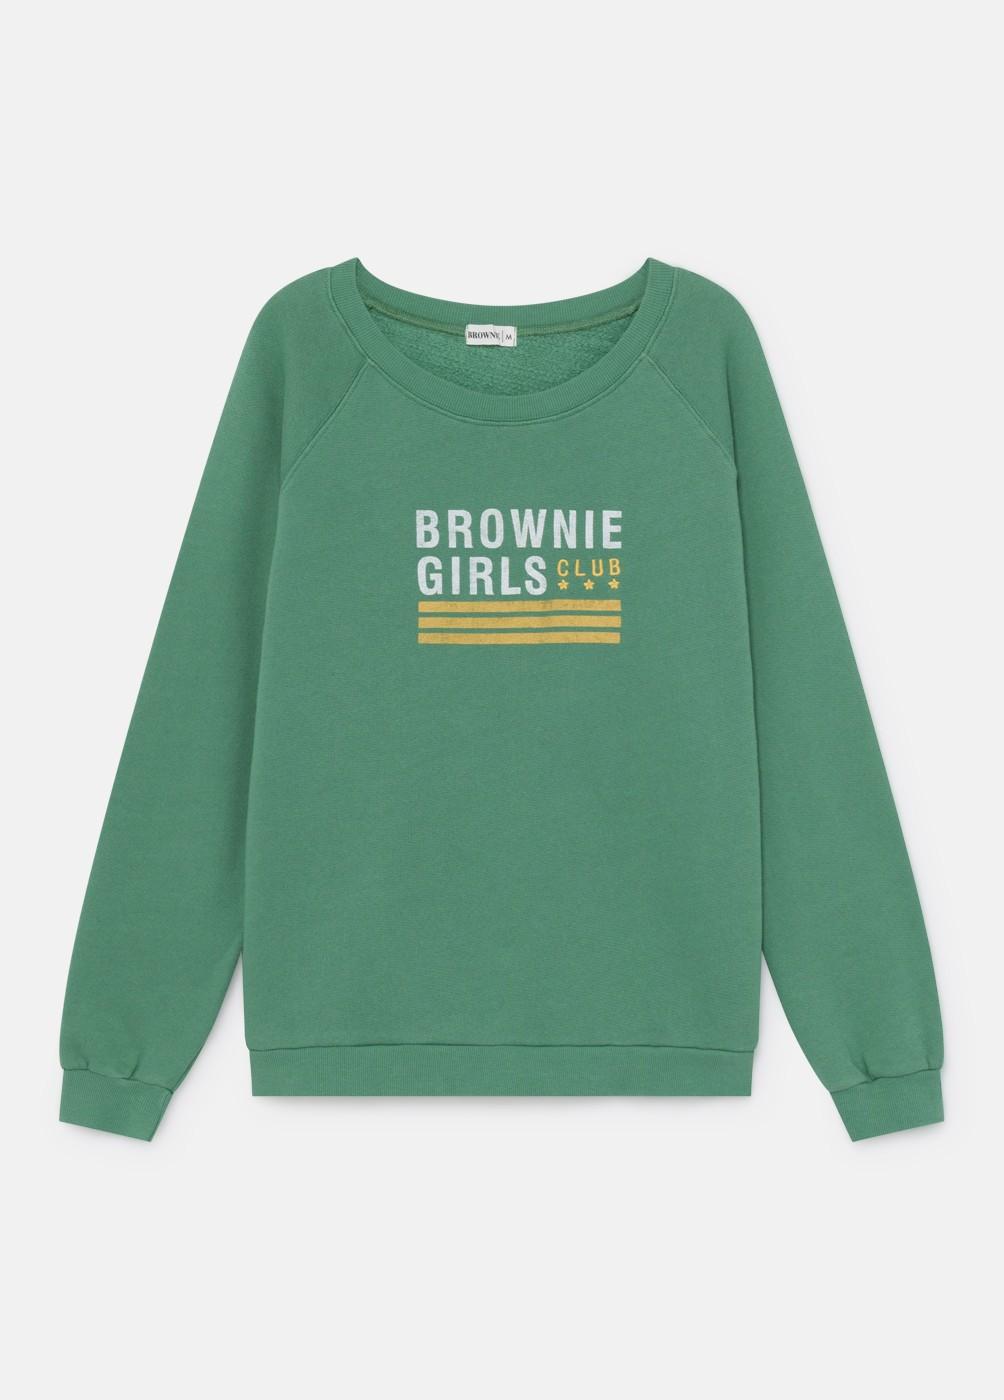 Sudadera Usanew Bandera Brownie